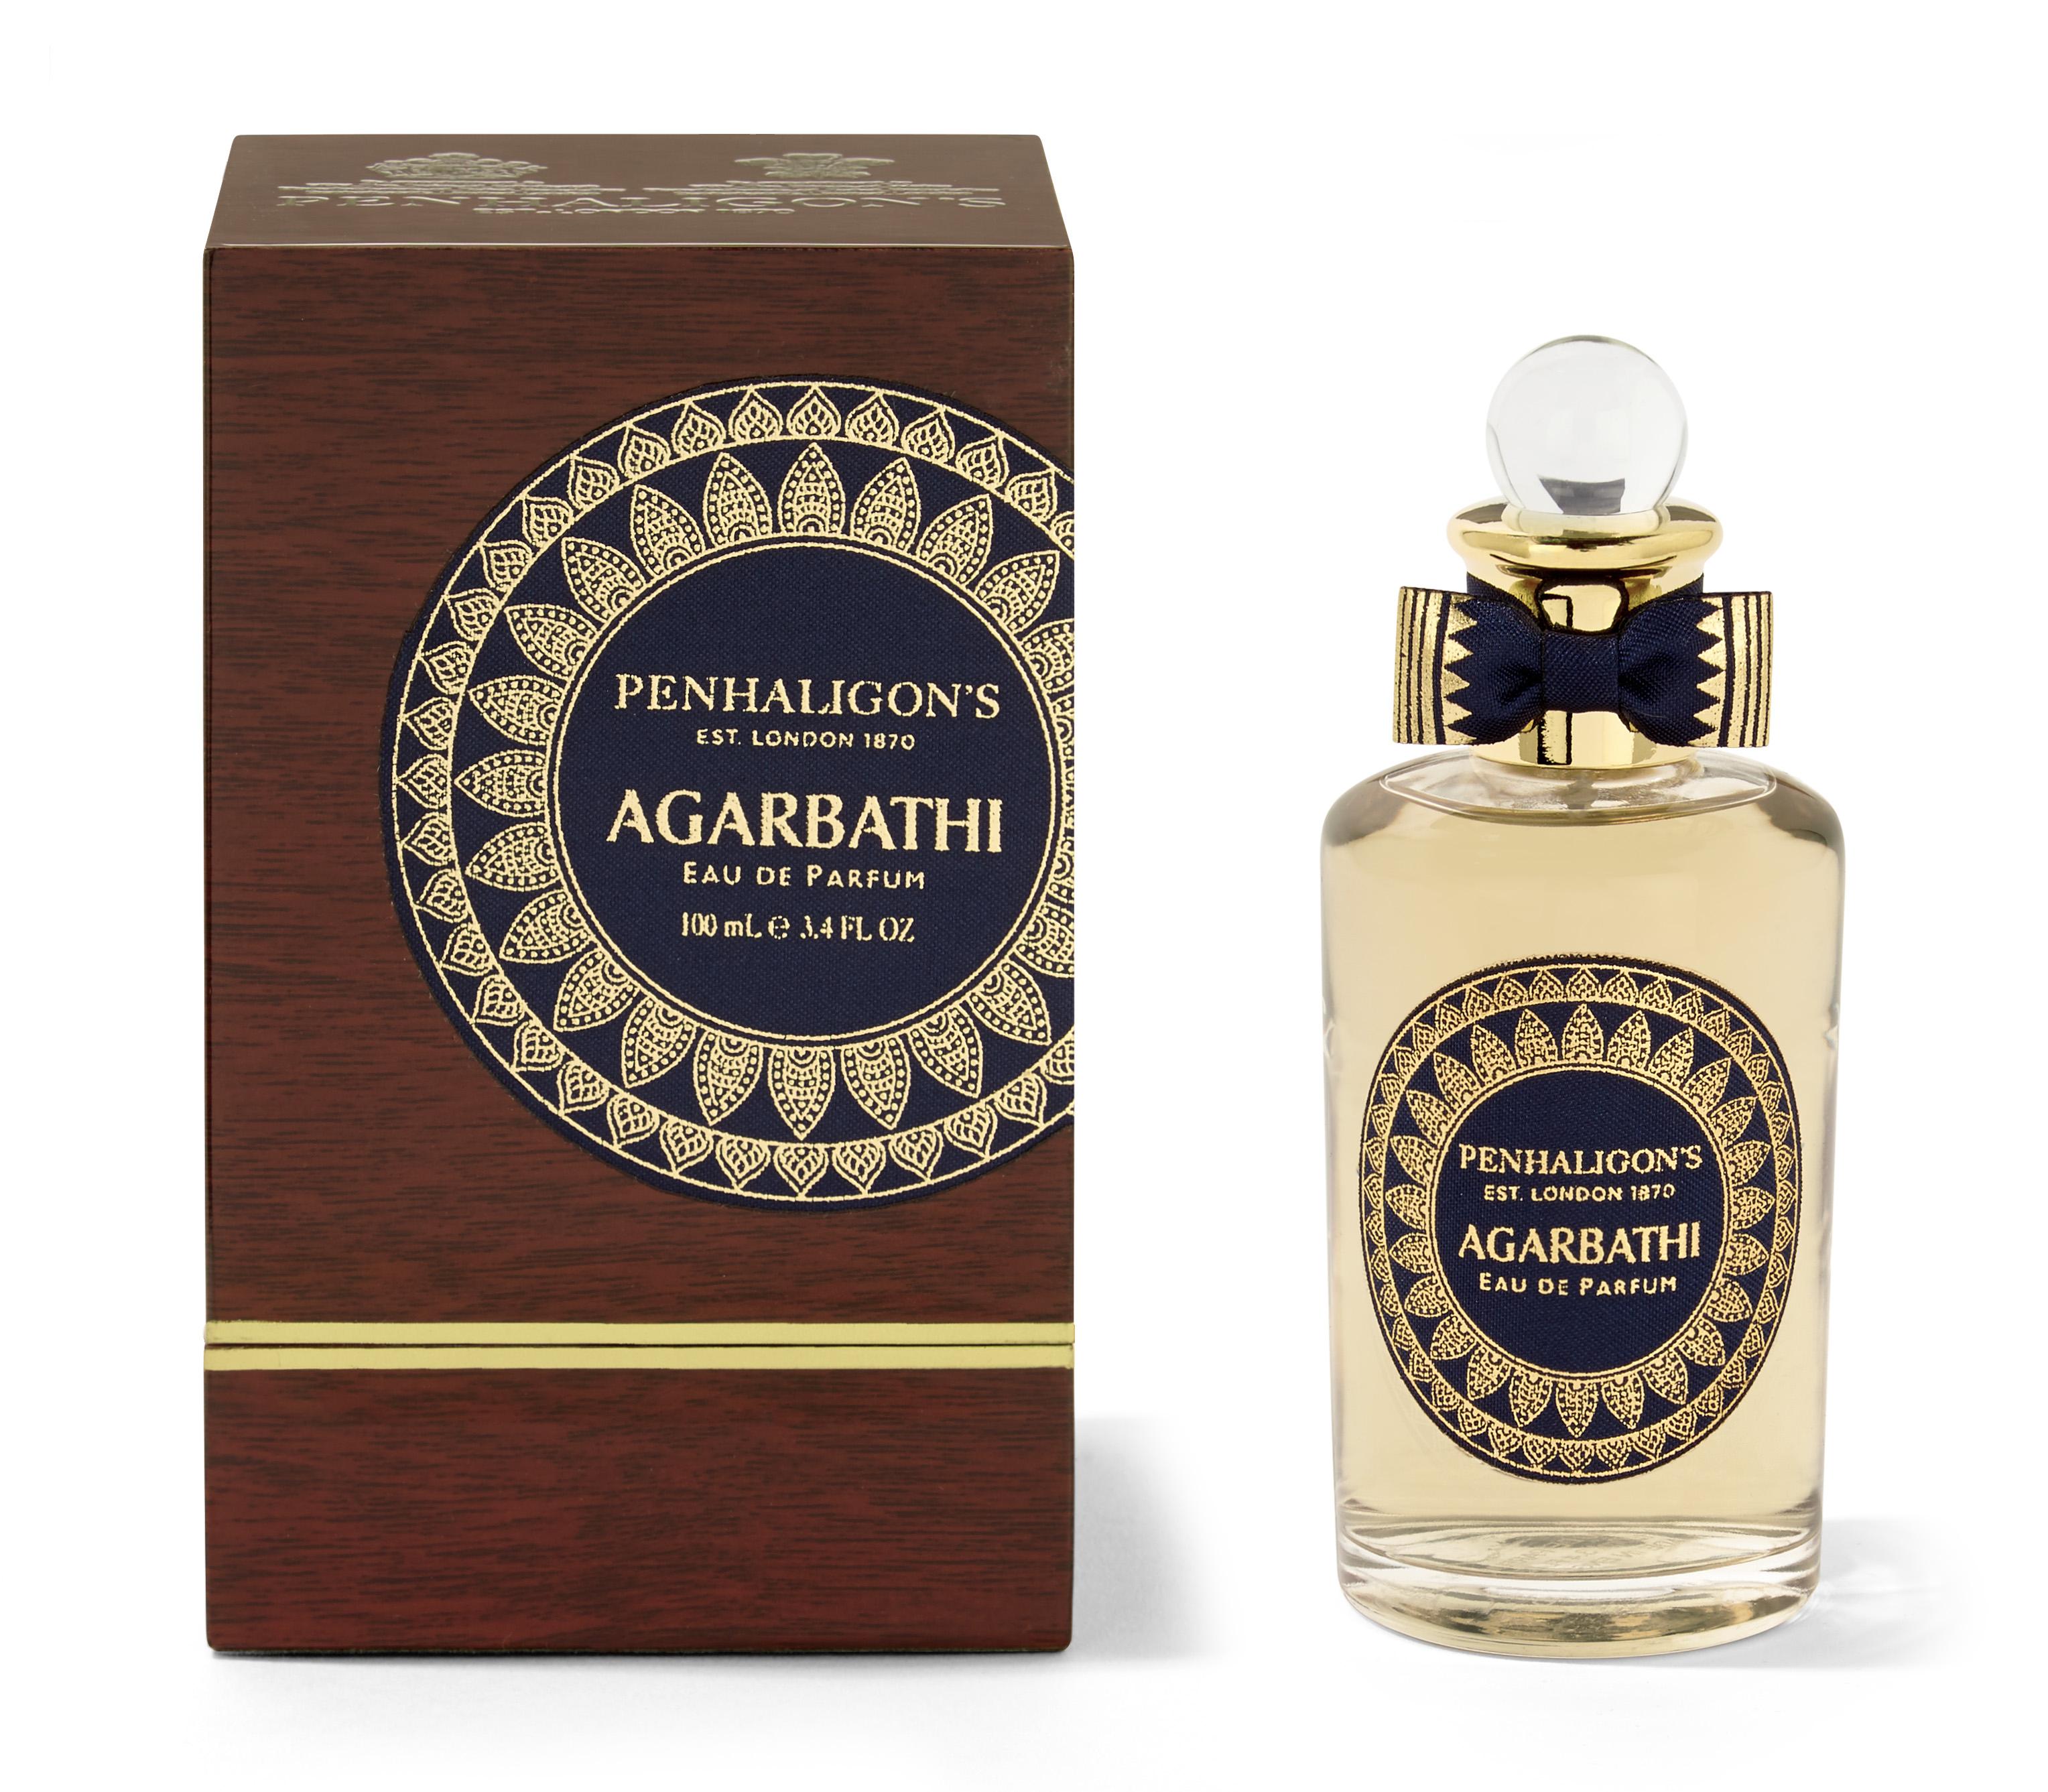 AGARBATHI + BOX